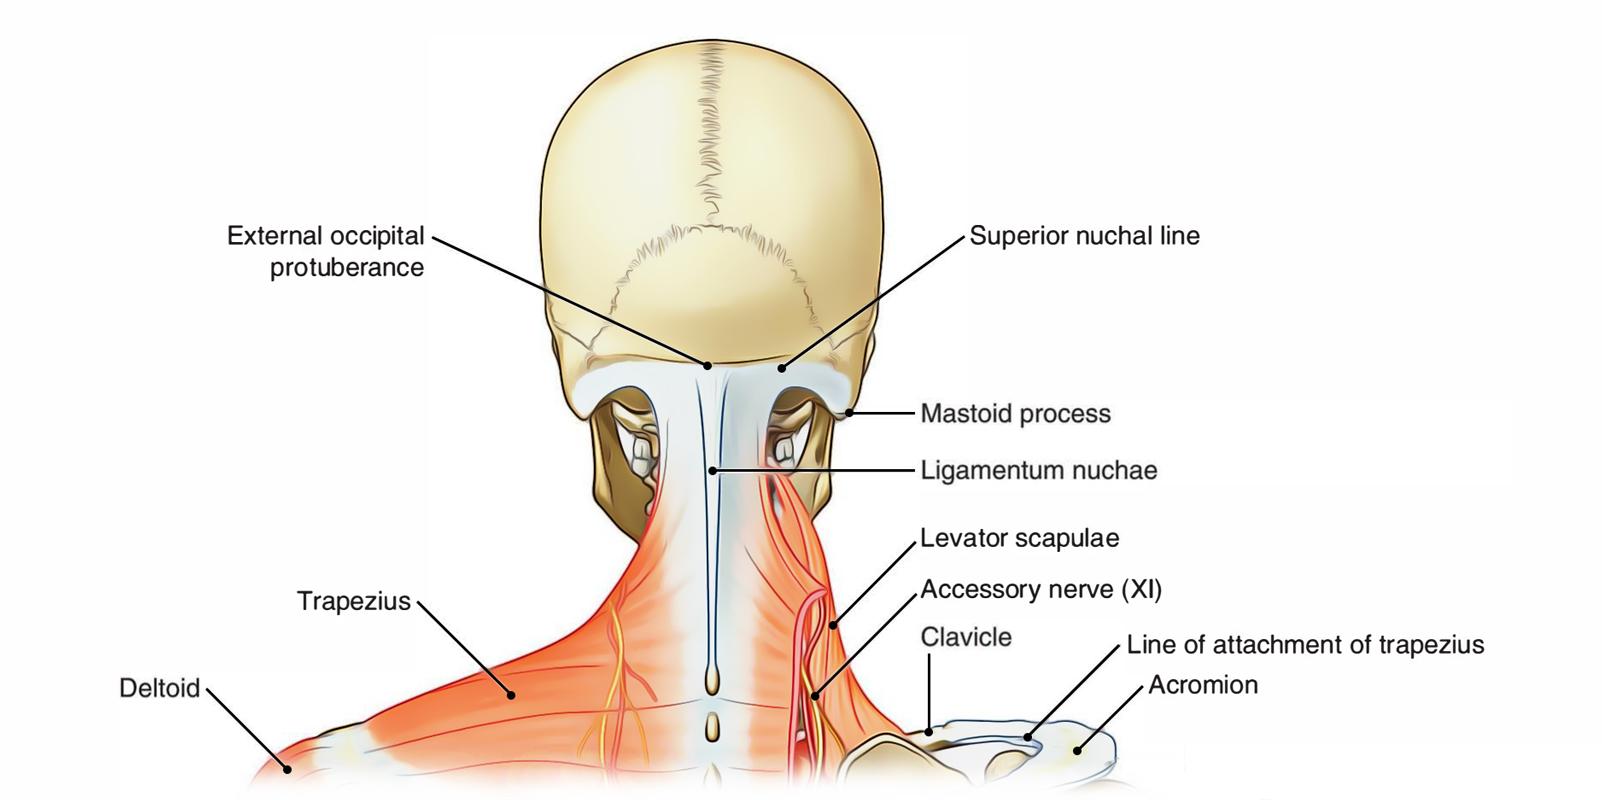 hight resolution of neck posterior region